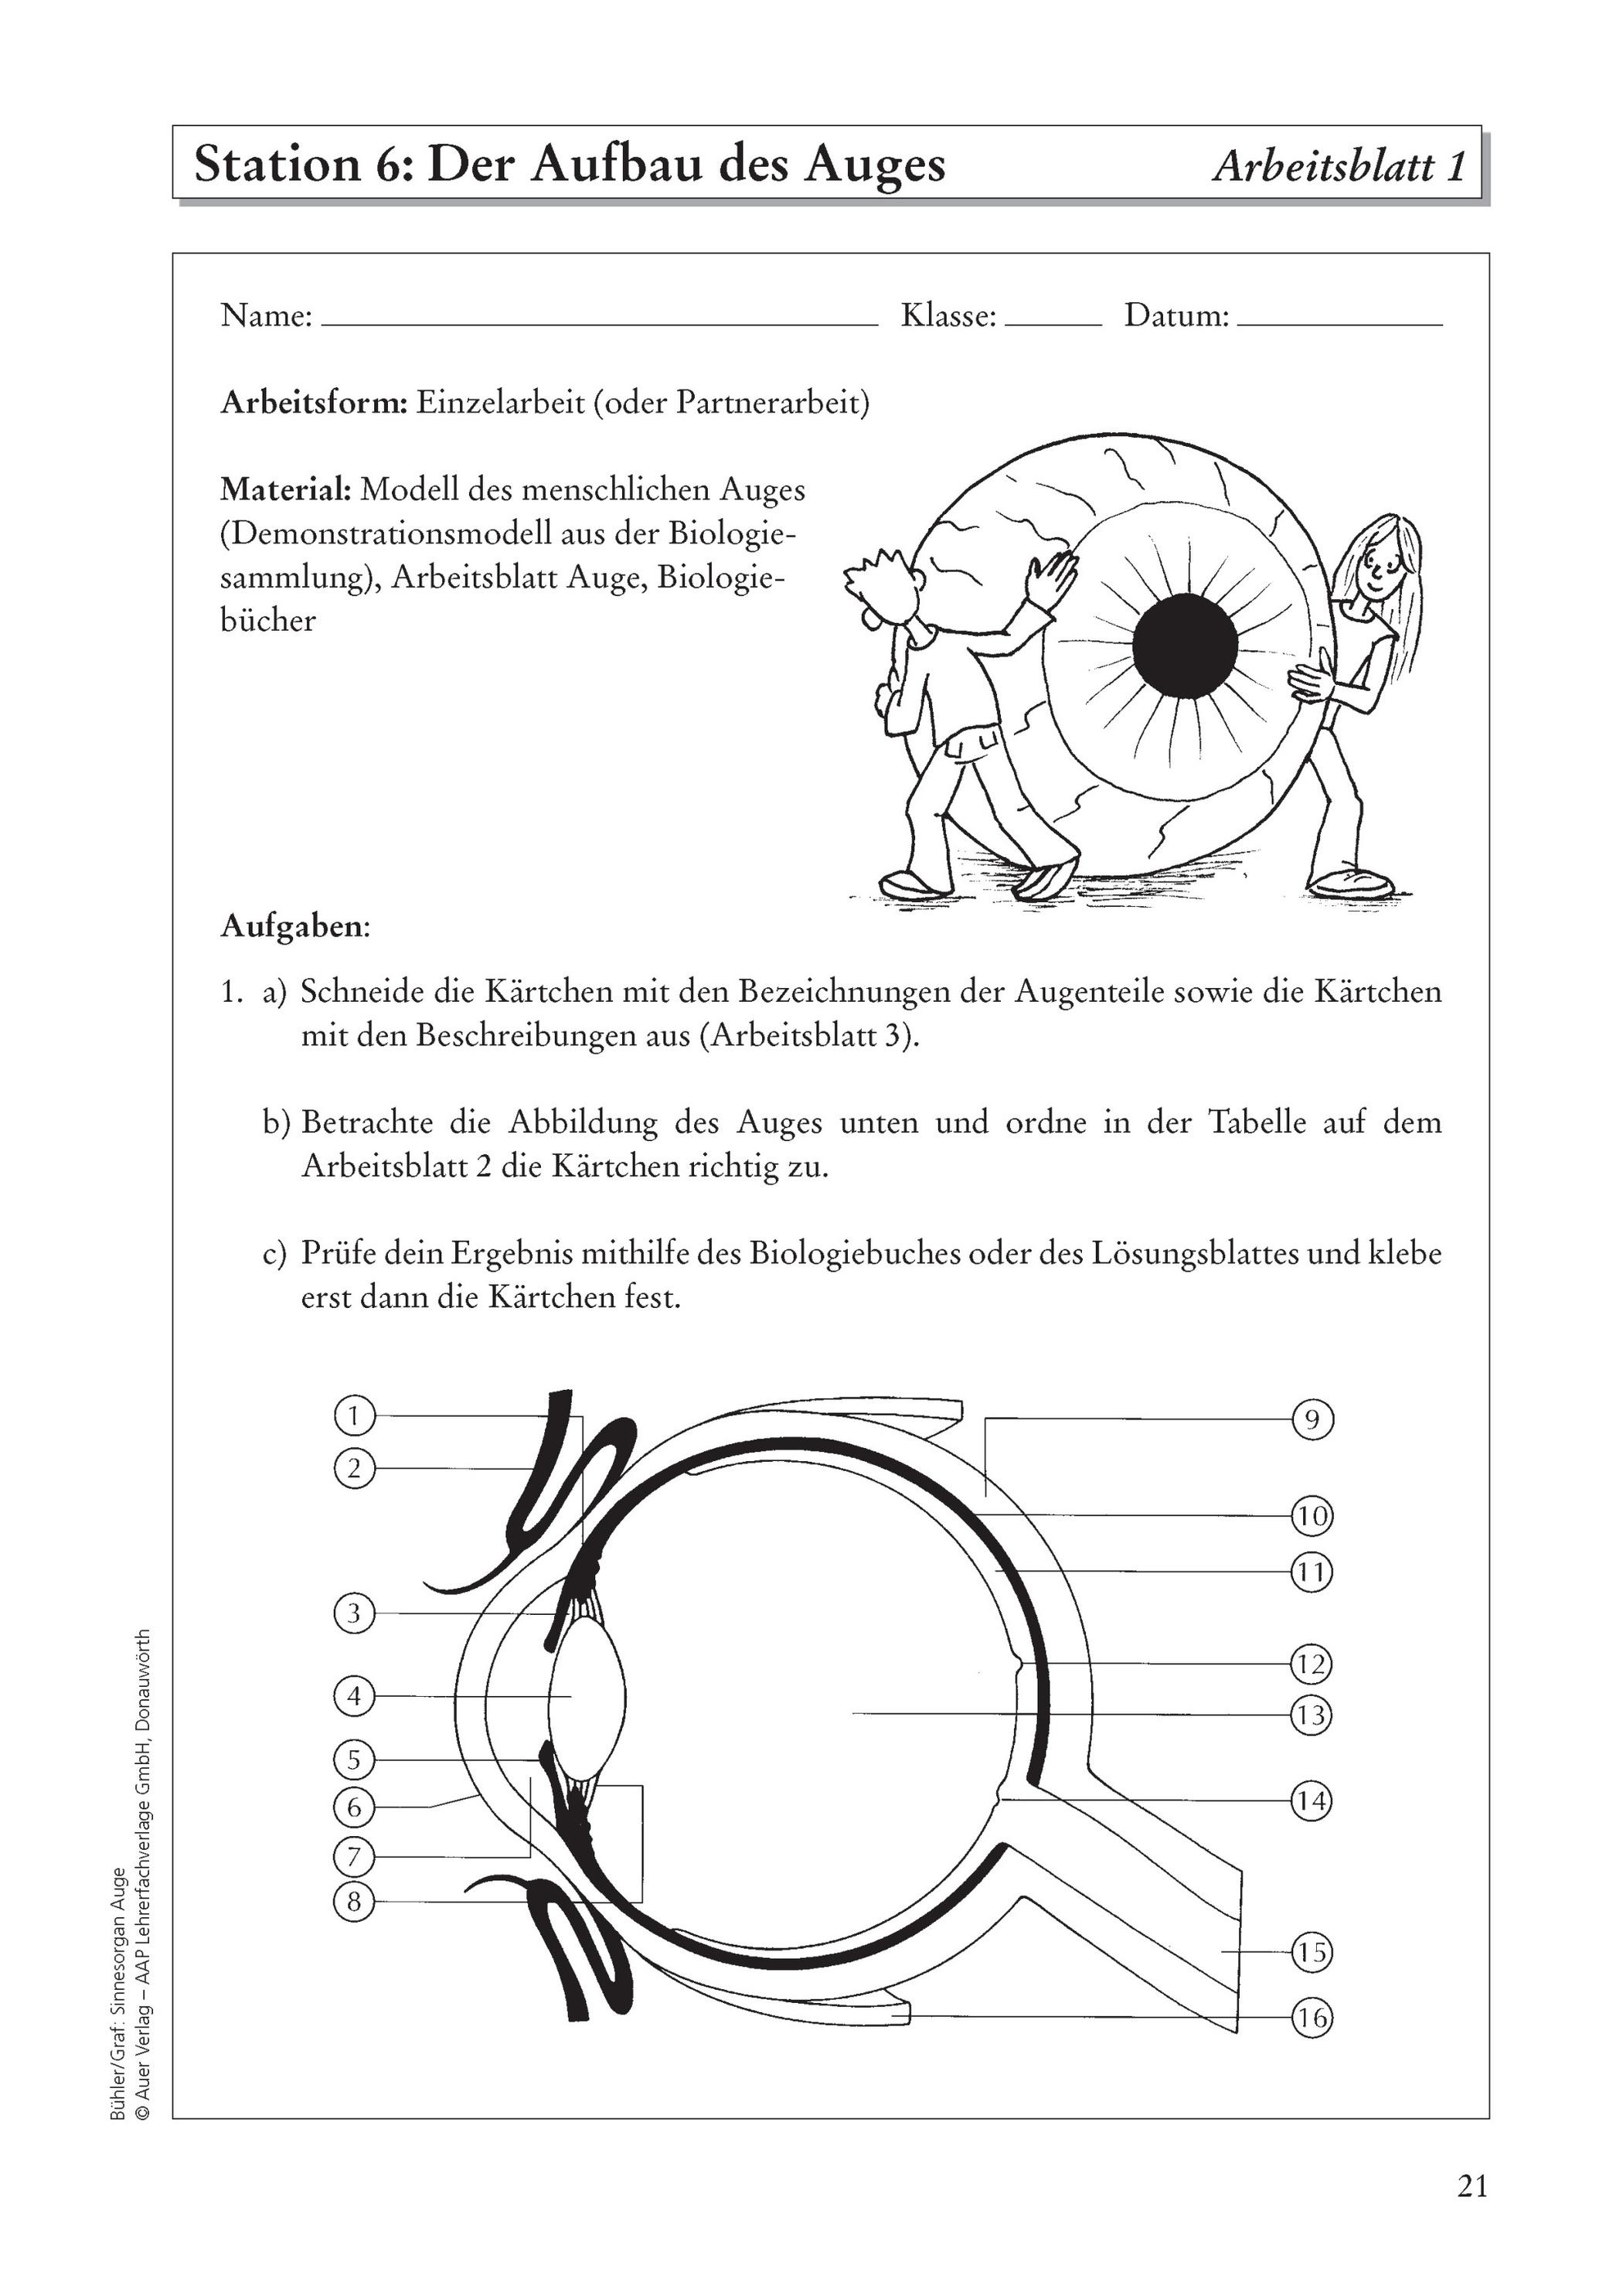 Sinnesorgan Auge Buch von Tanja Bühler versandkostenfrei bei ...